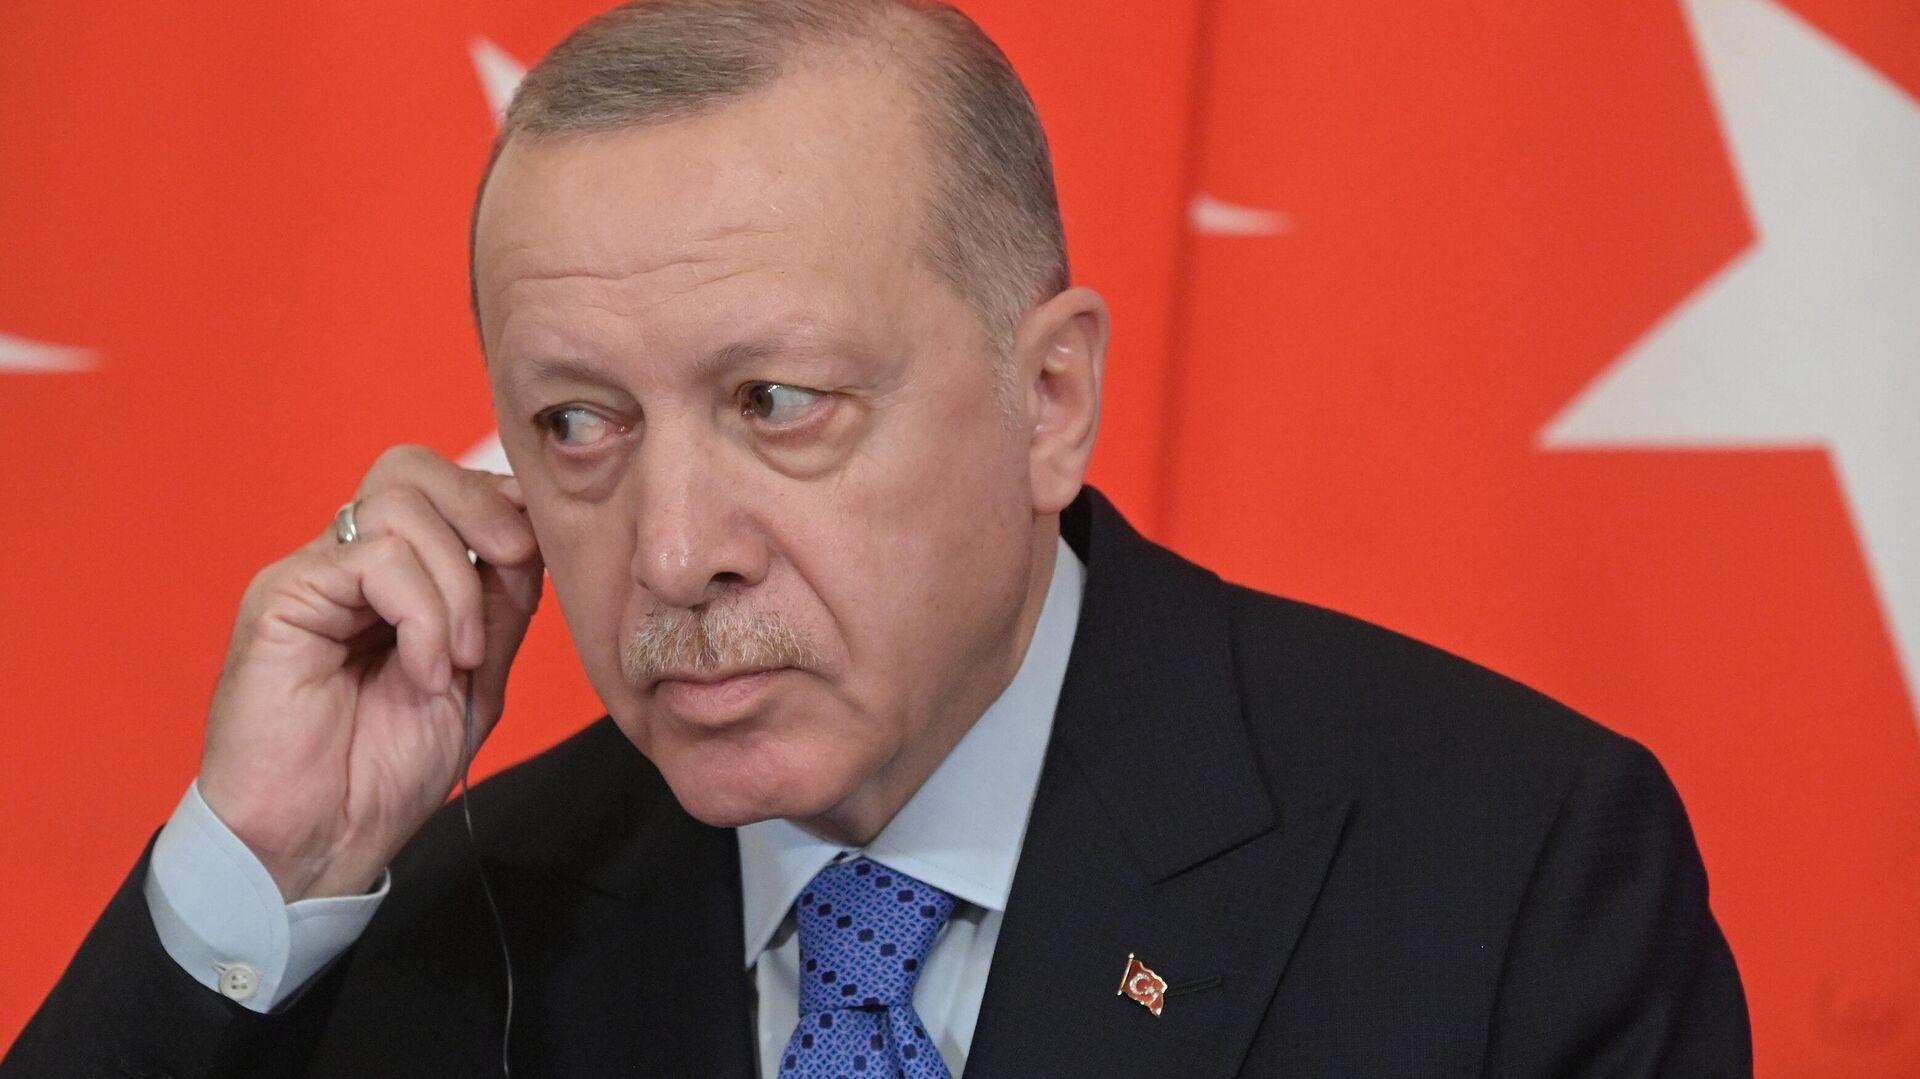 Президент Турции Реджеп Тайип Эрдоган во время совместного с президентом РФ Владимиром Путиным пресс-подхода - РИА Новости, 1920, 22.09.2020